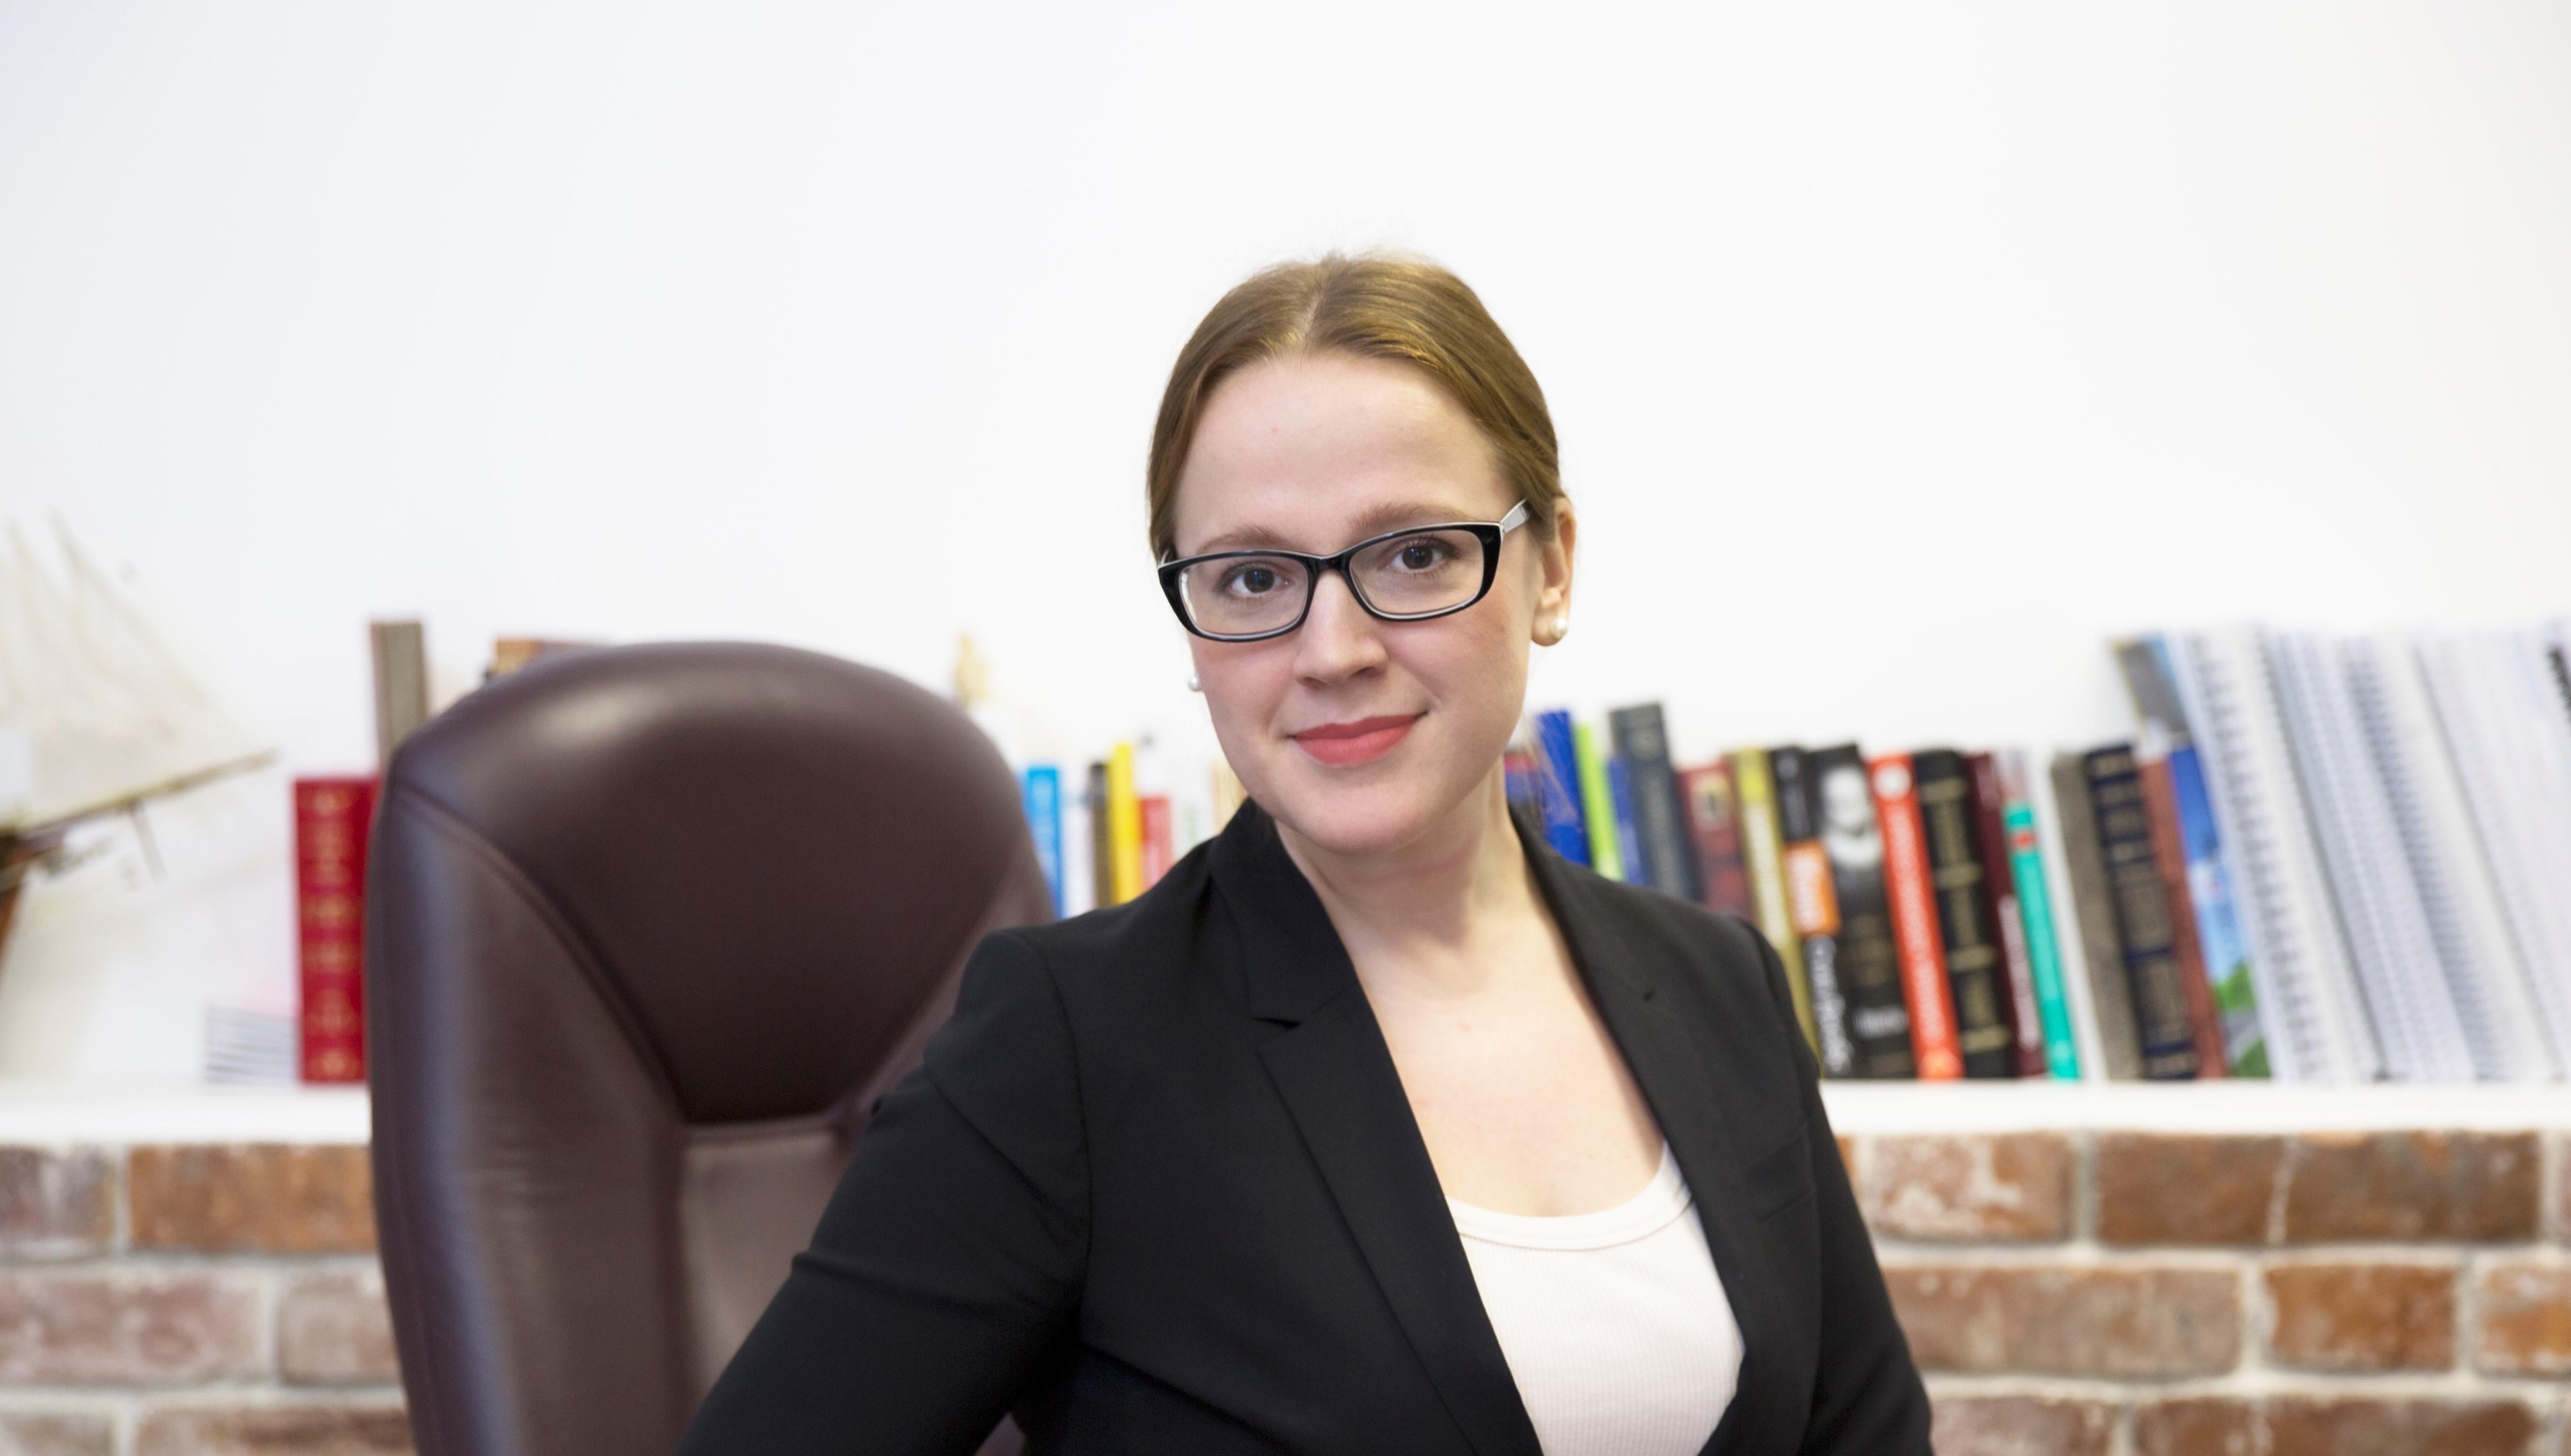 РБК: Партнер BSH consulting Екатерина Шатилова прокомментировала последние дела Верховного суда РФ, касающиеся расчета недоимки при дроблении бизнеса